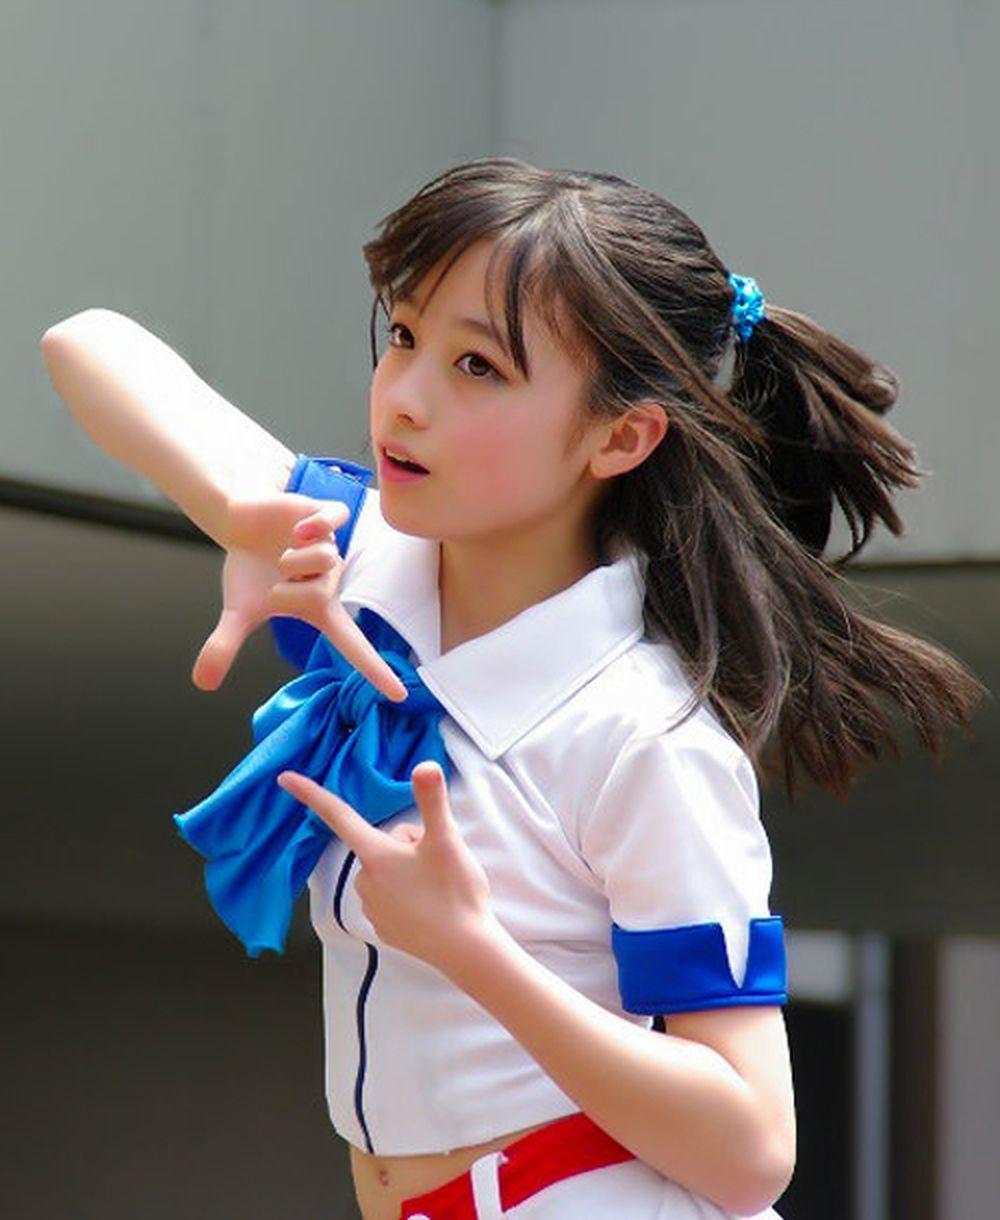 Năm 2013, các bức ảnh Kanna Hashimoto tại một buổi trình diễn được nhiều  khán giả chia sẻ trên mạng xã hội. Ca sĩ 14 tuổi trở thành từ khóa tìm kiếm  ...